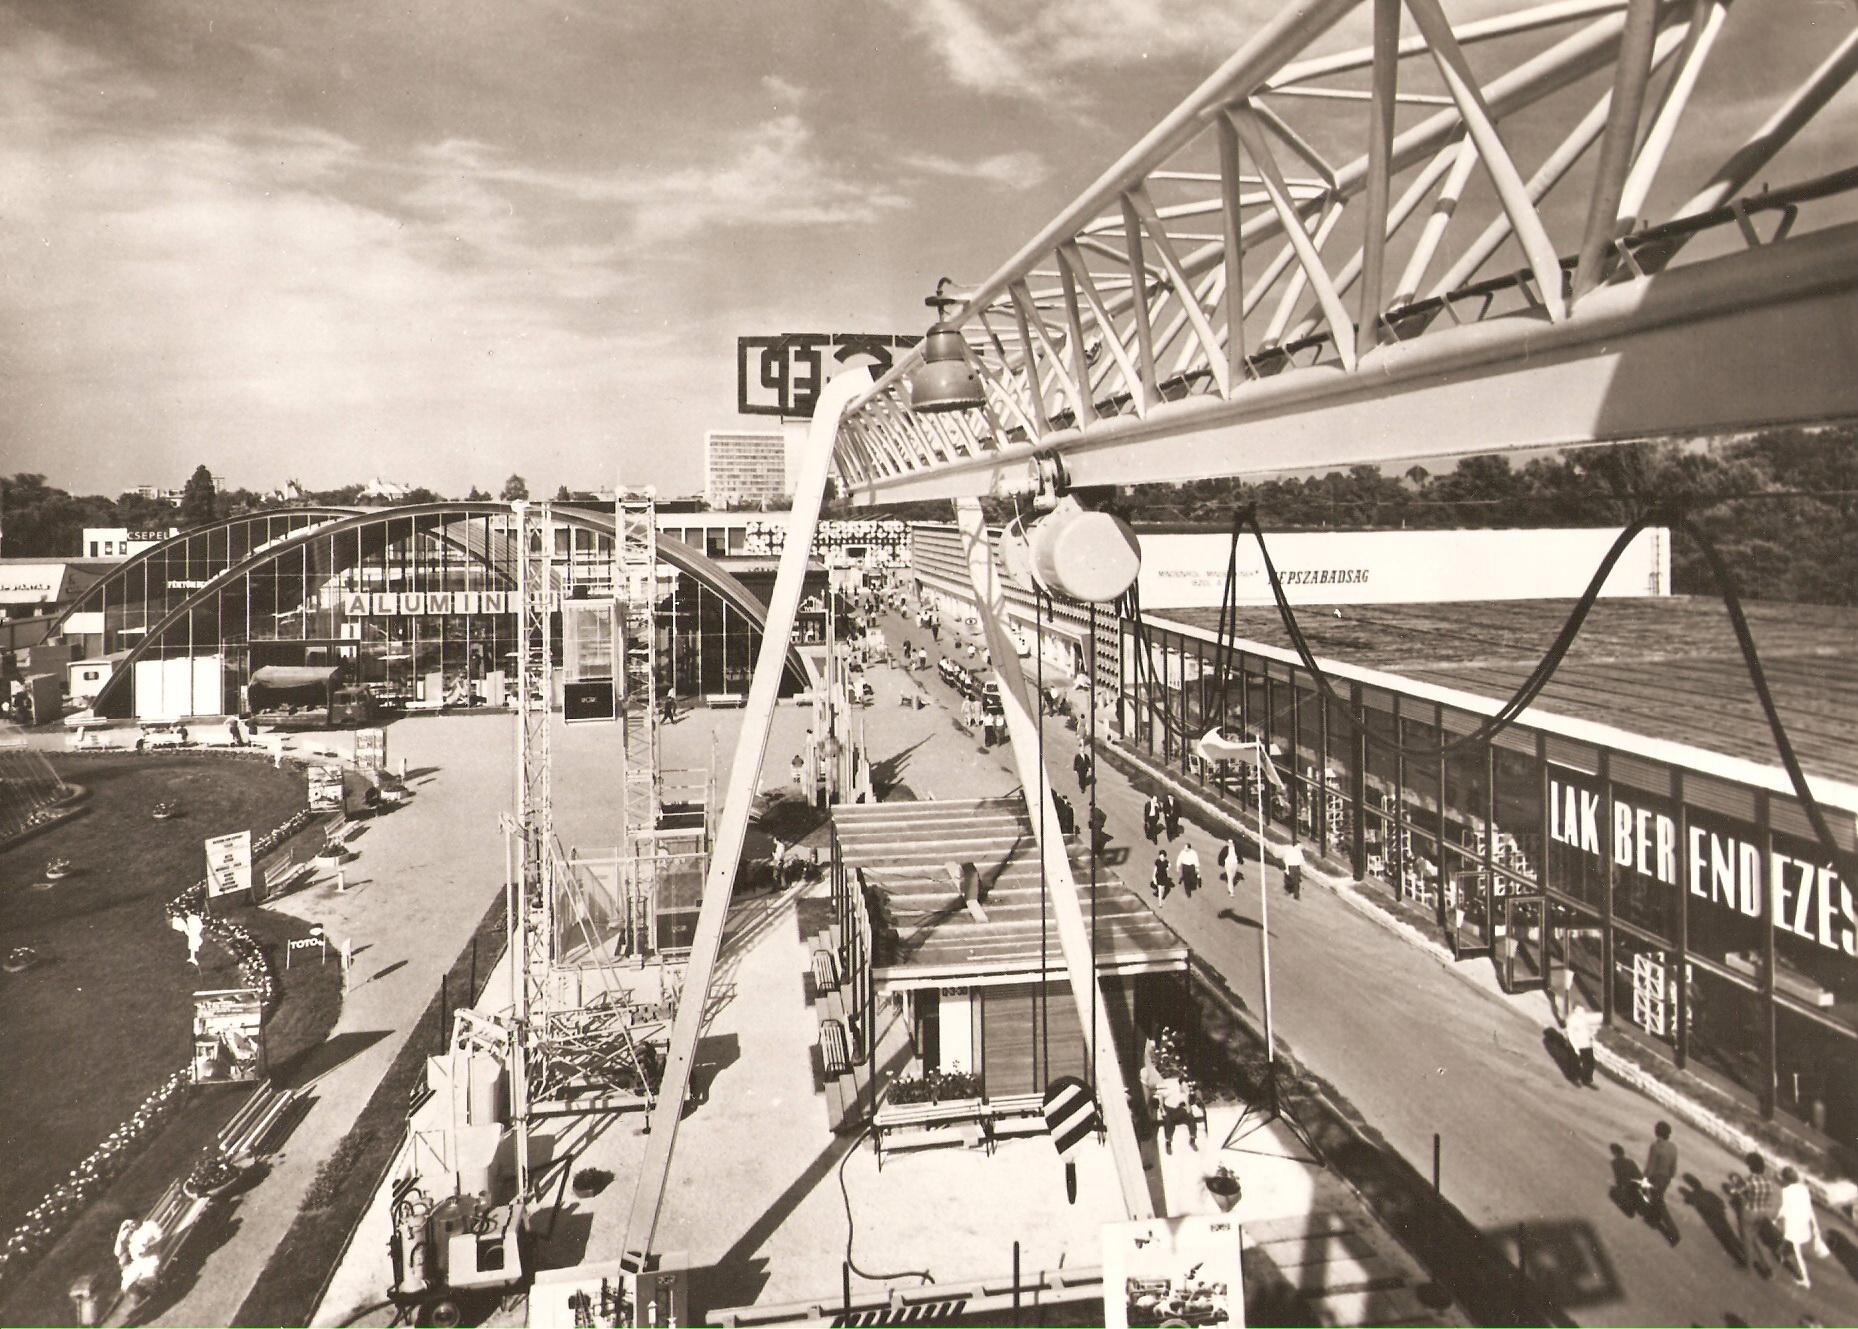 bnv-1968.jpg